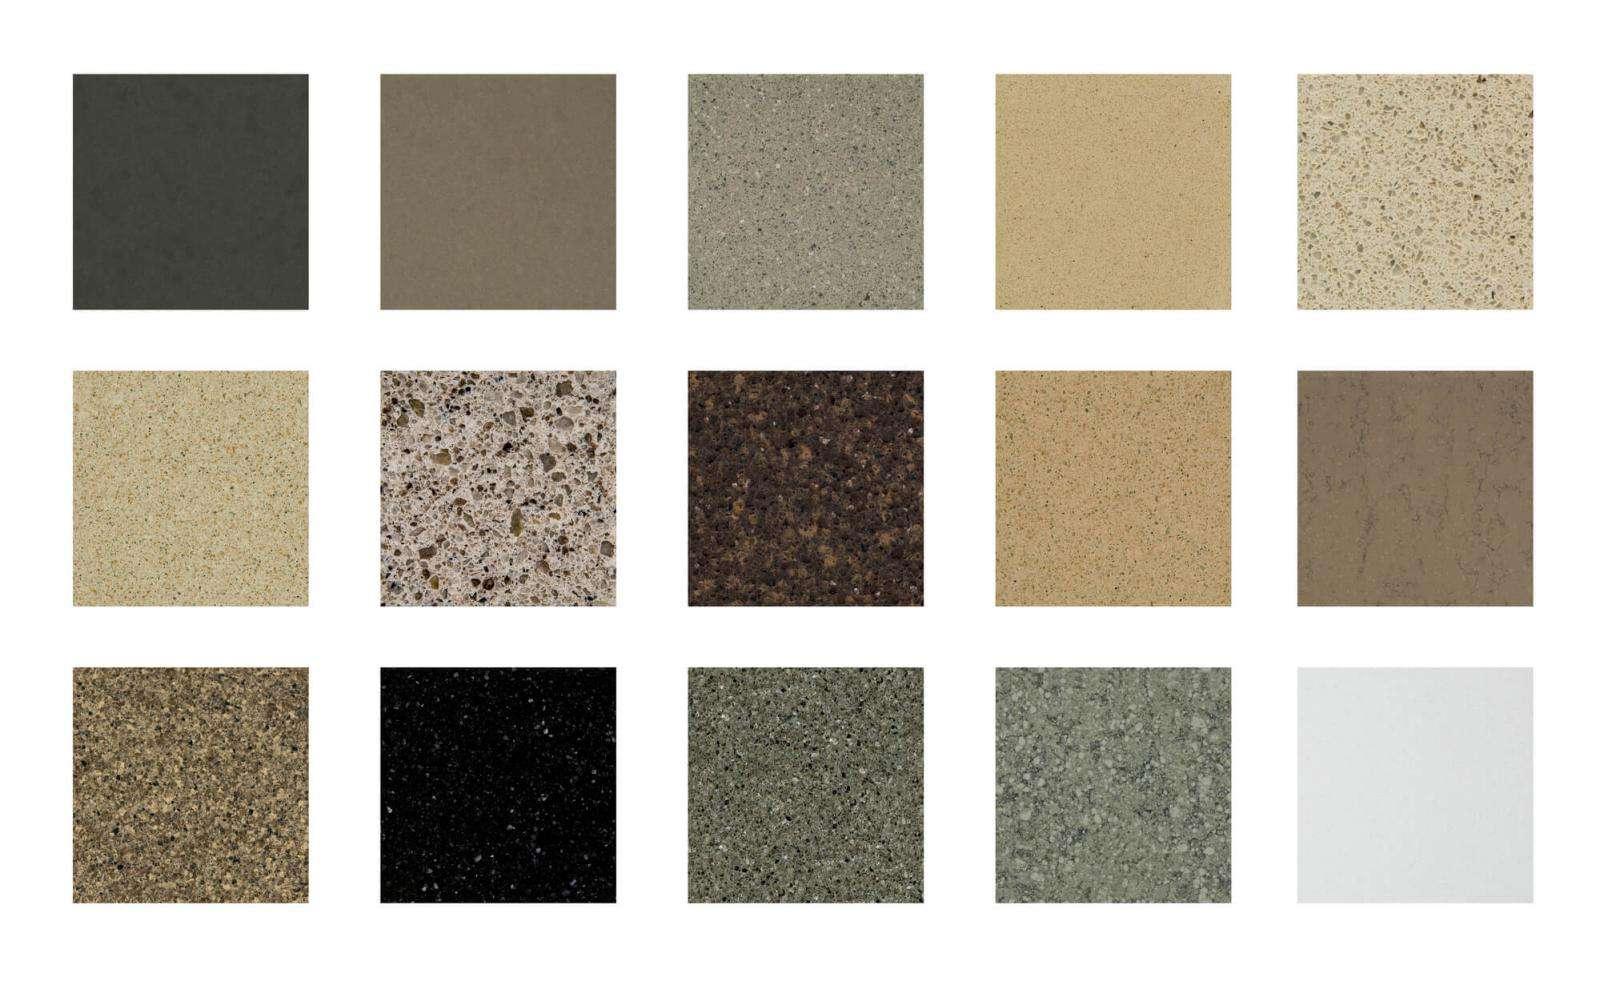 Tile & Countertop Refinishing | Like New Refinishing | Denver, CO